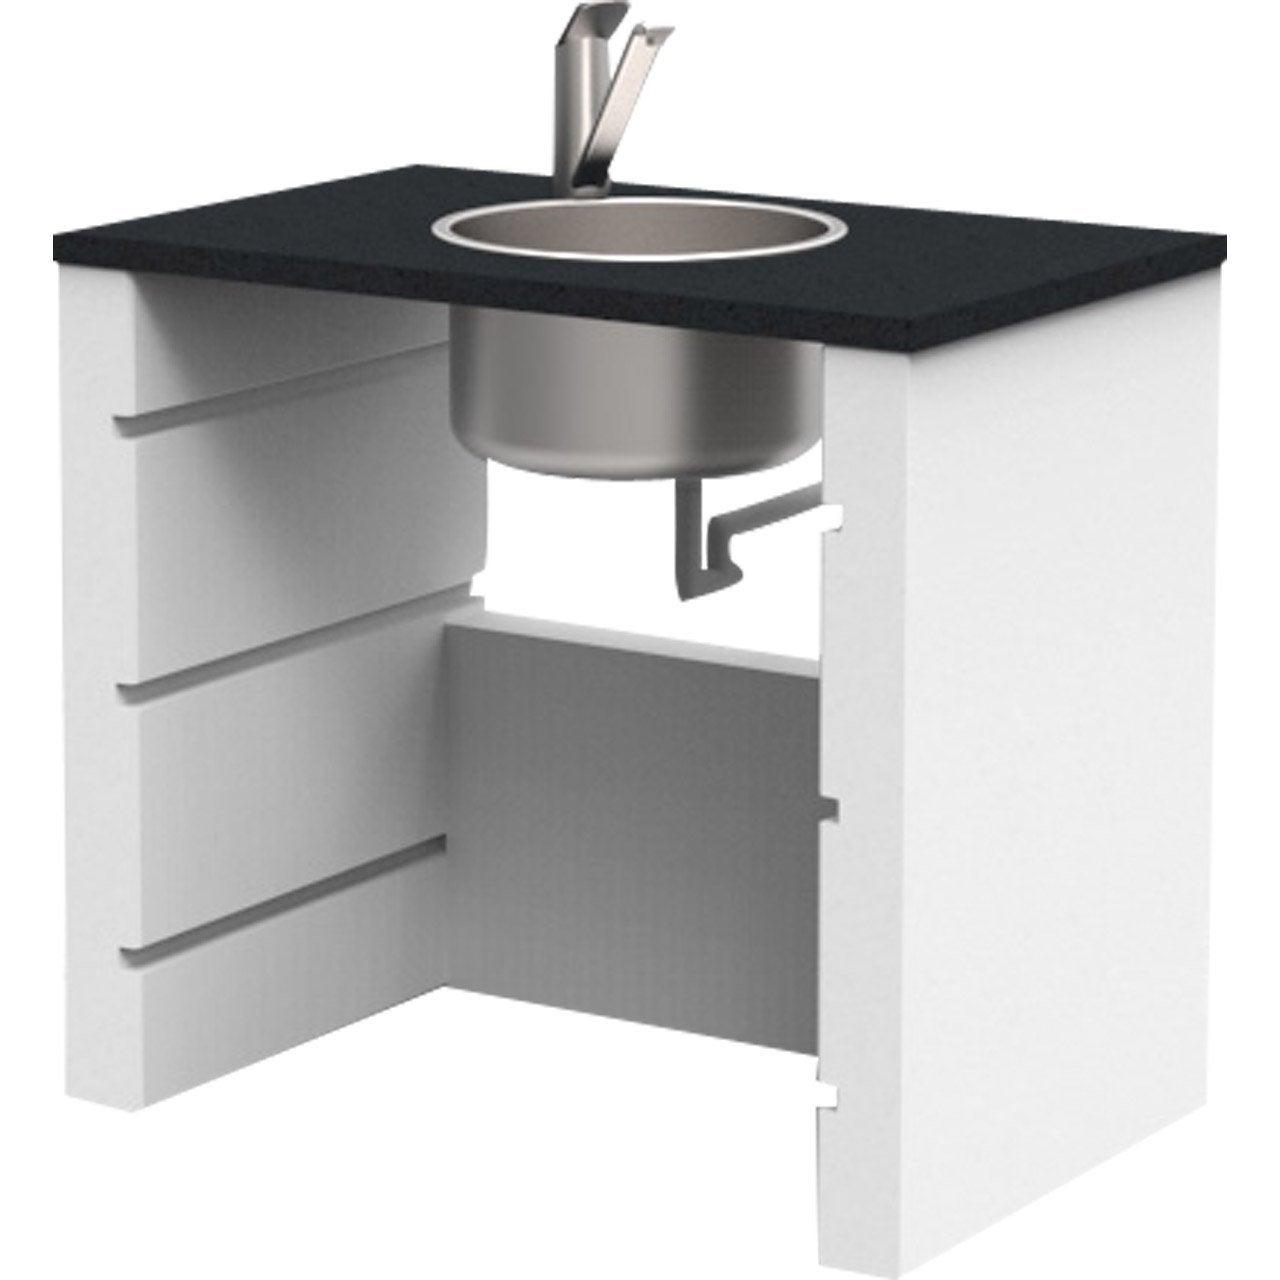 evier en pierre reconstitu e blanc point eau isabelle l. Black Bedroom Furniture Sets. Home Design Ideas